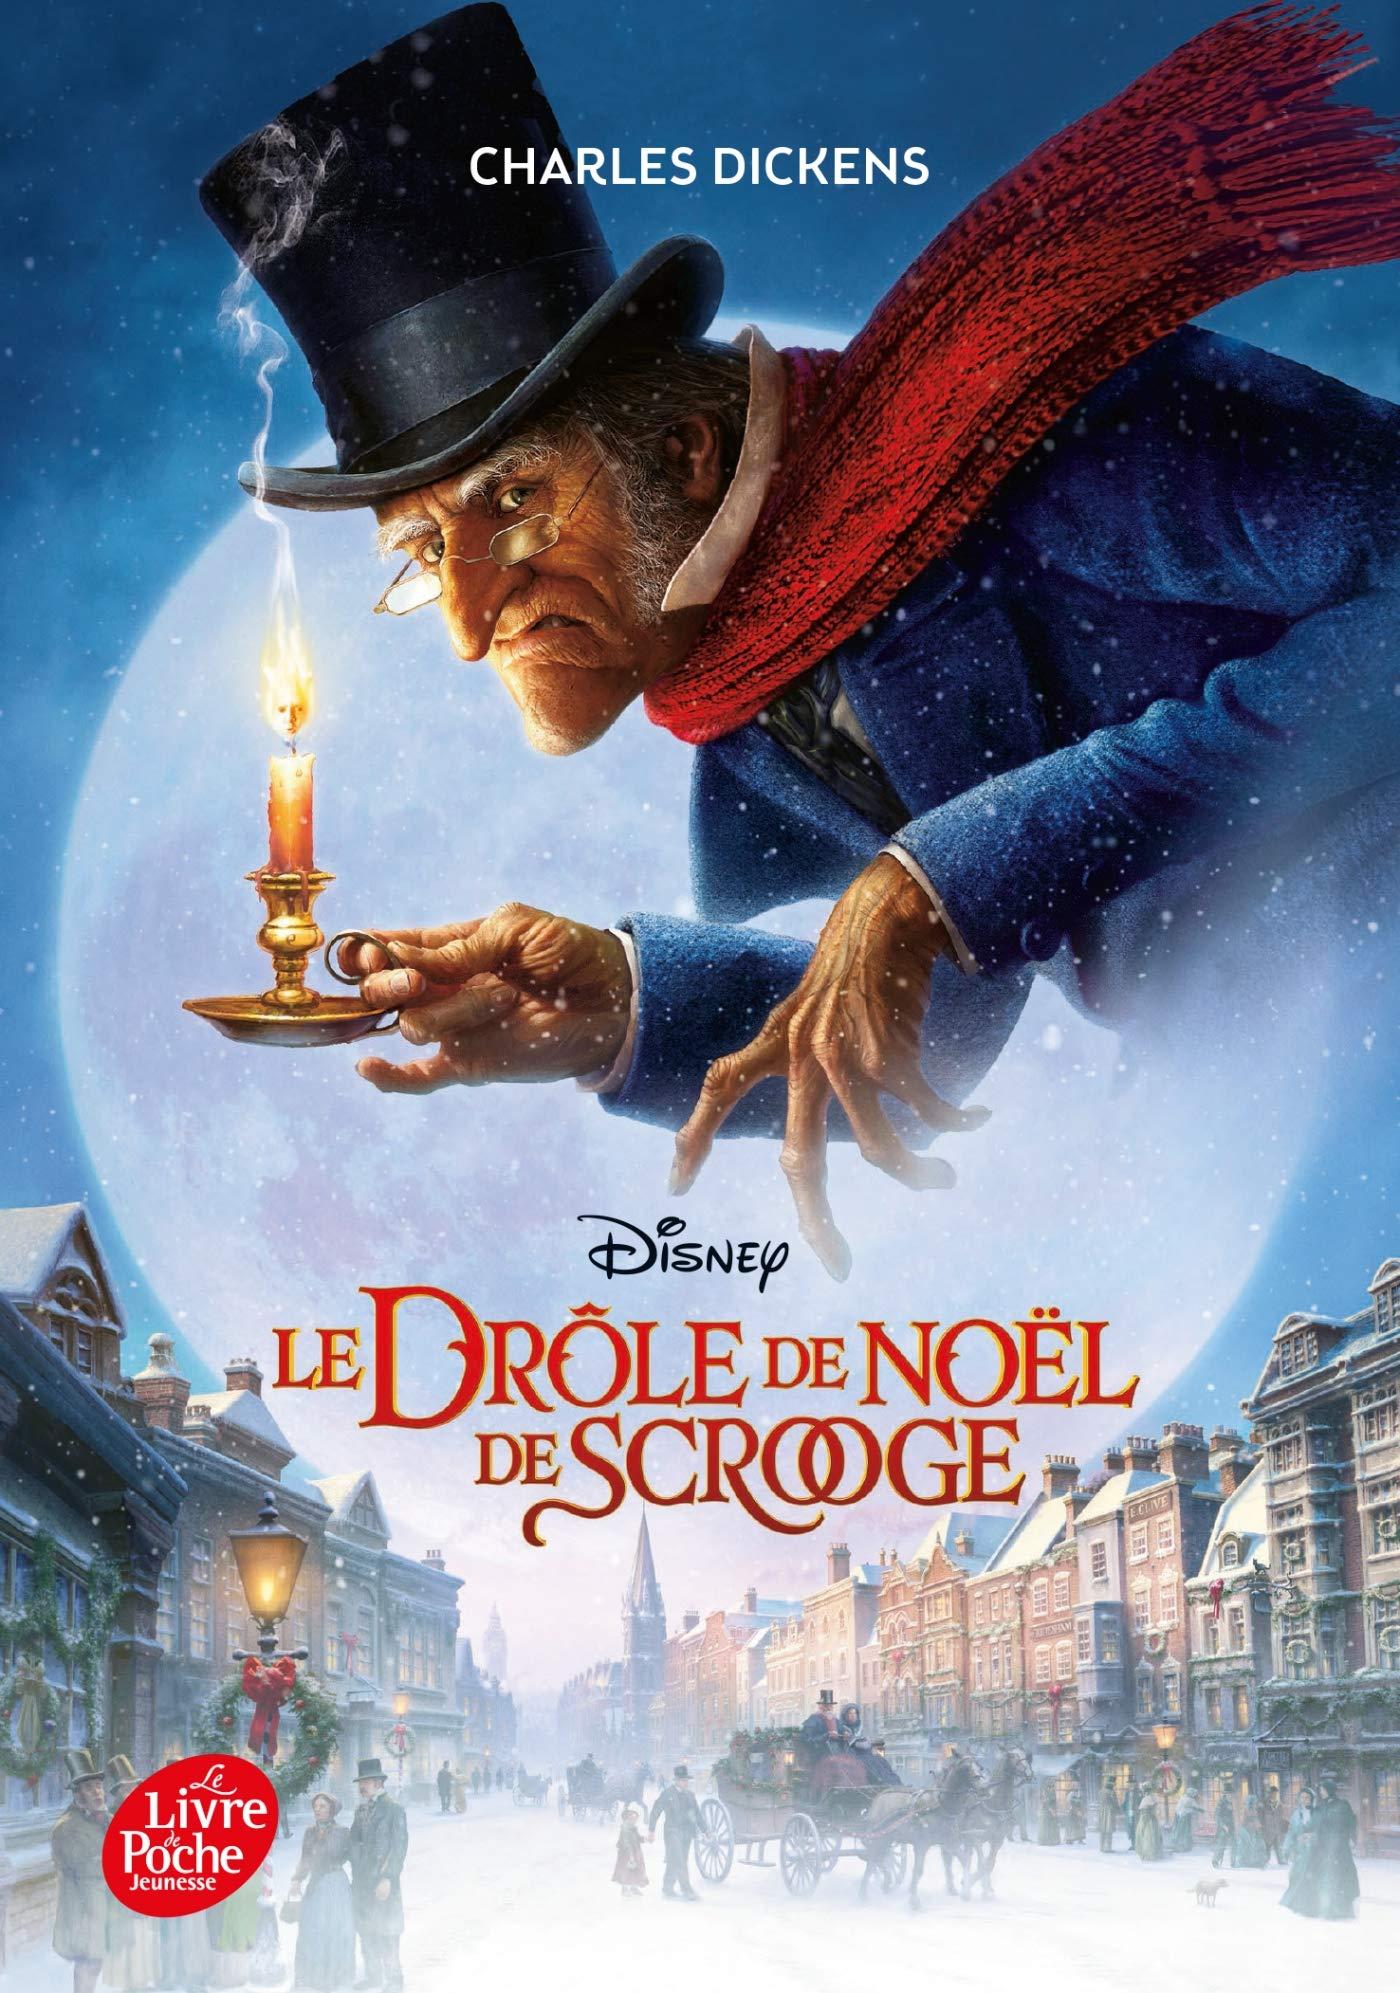 Le Drole De Noel De Scrooge Livre De Poche Jeunesse 1424 French Edition Dickens Charles 9782013228251 Amazon Com Books